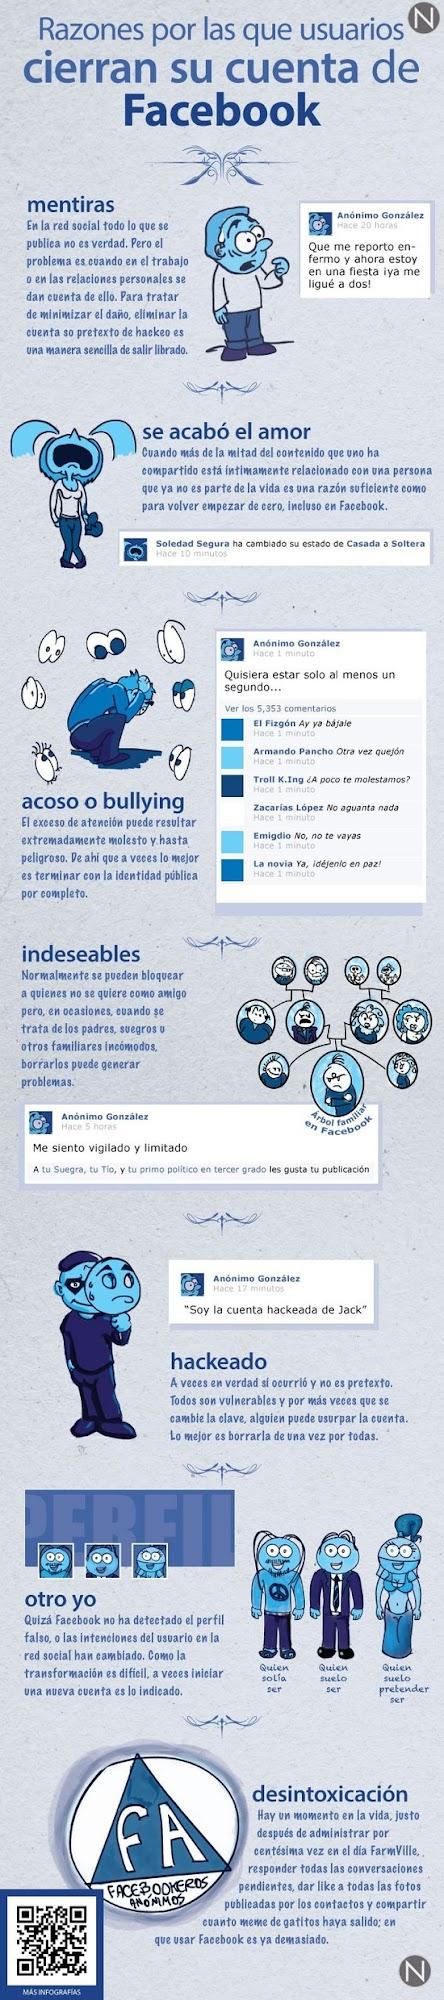 infografía por qué abandonan facebook